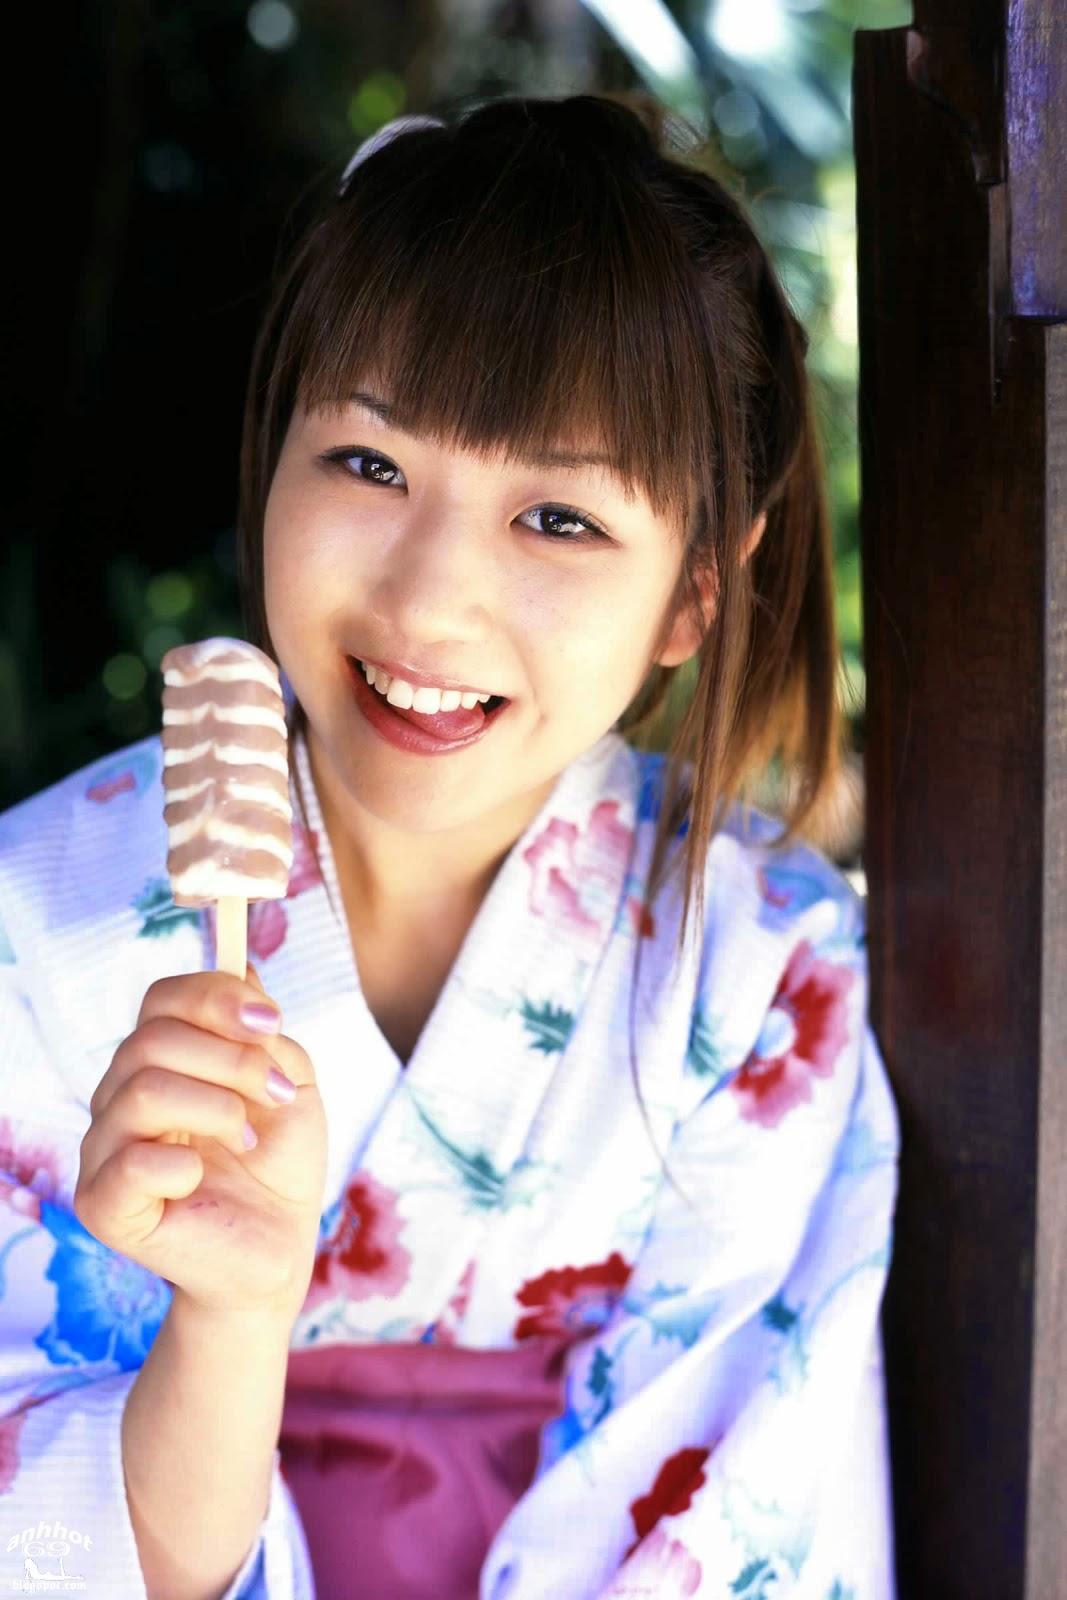 chise-nakamura-00462291